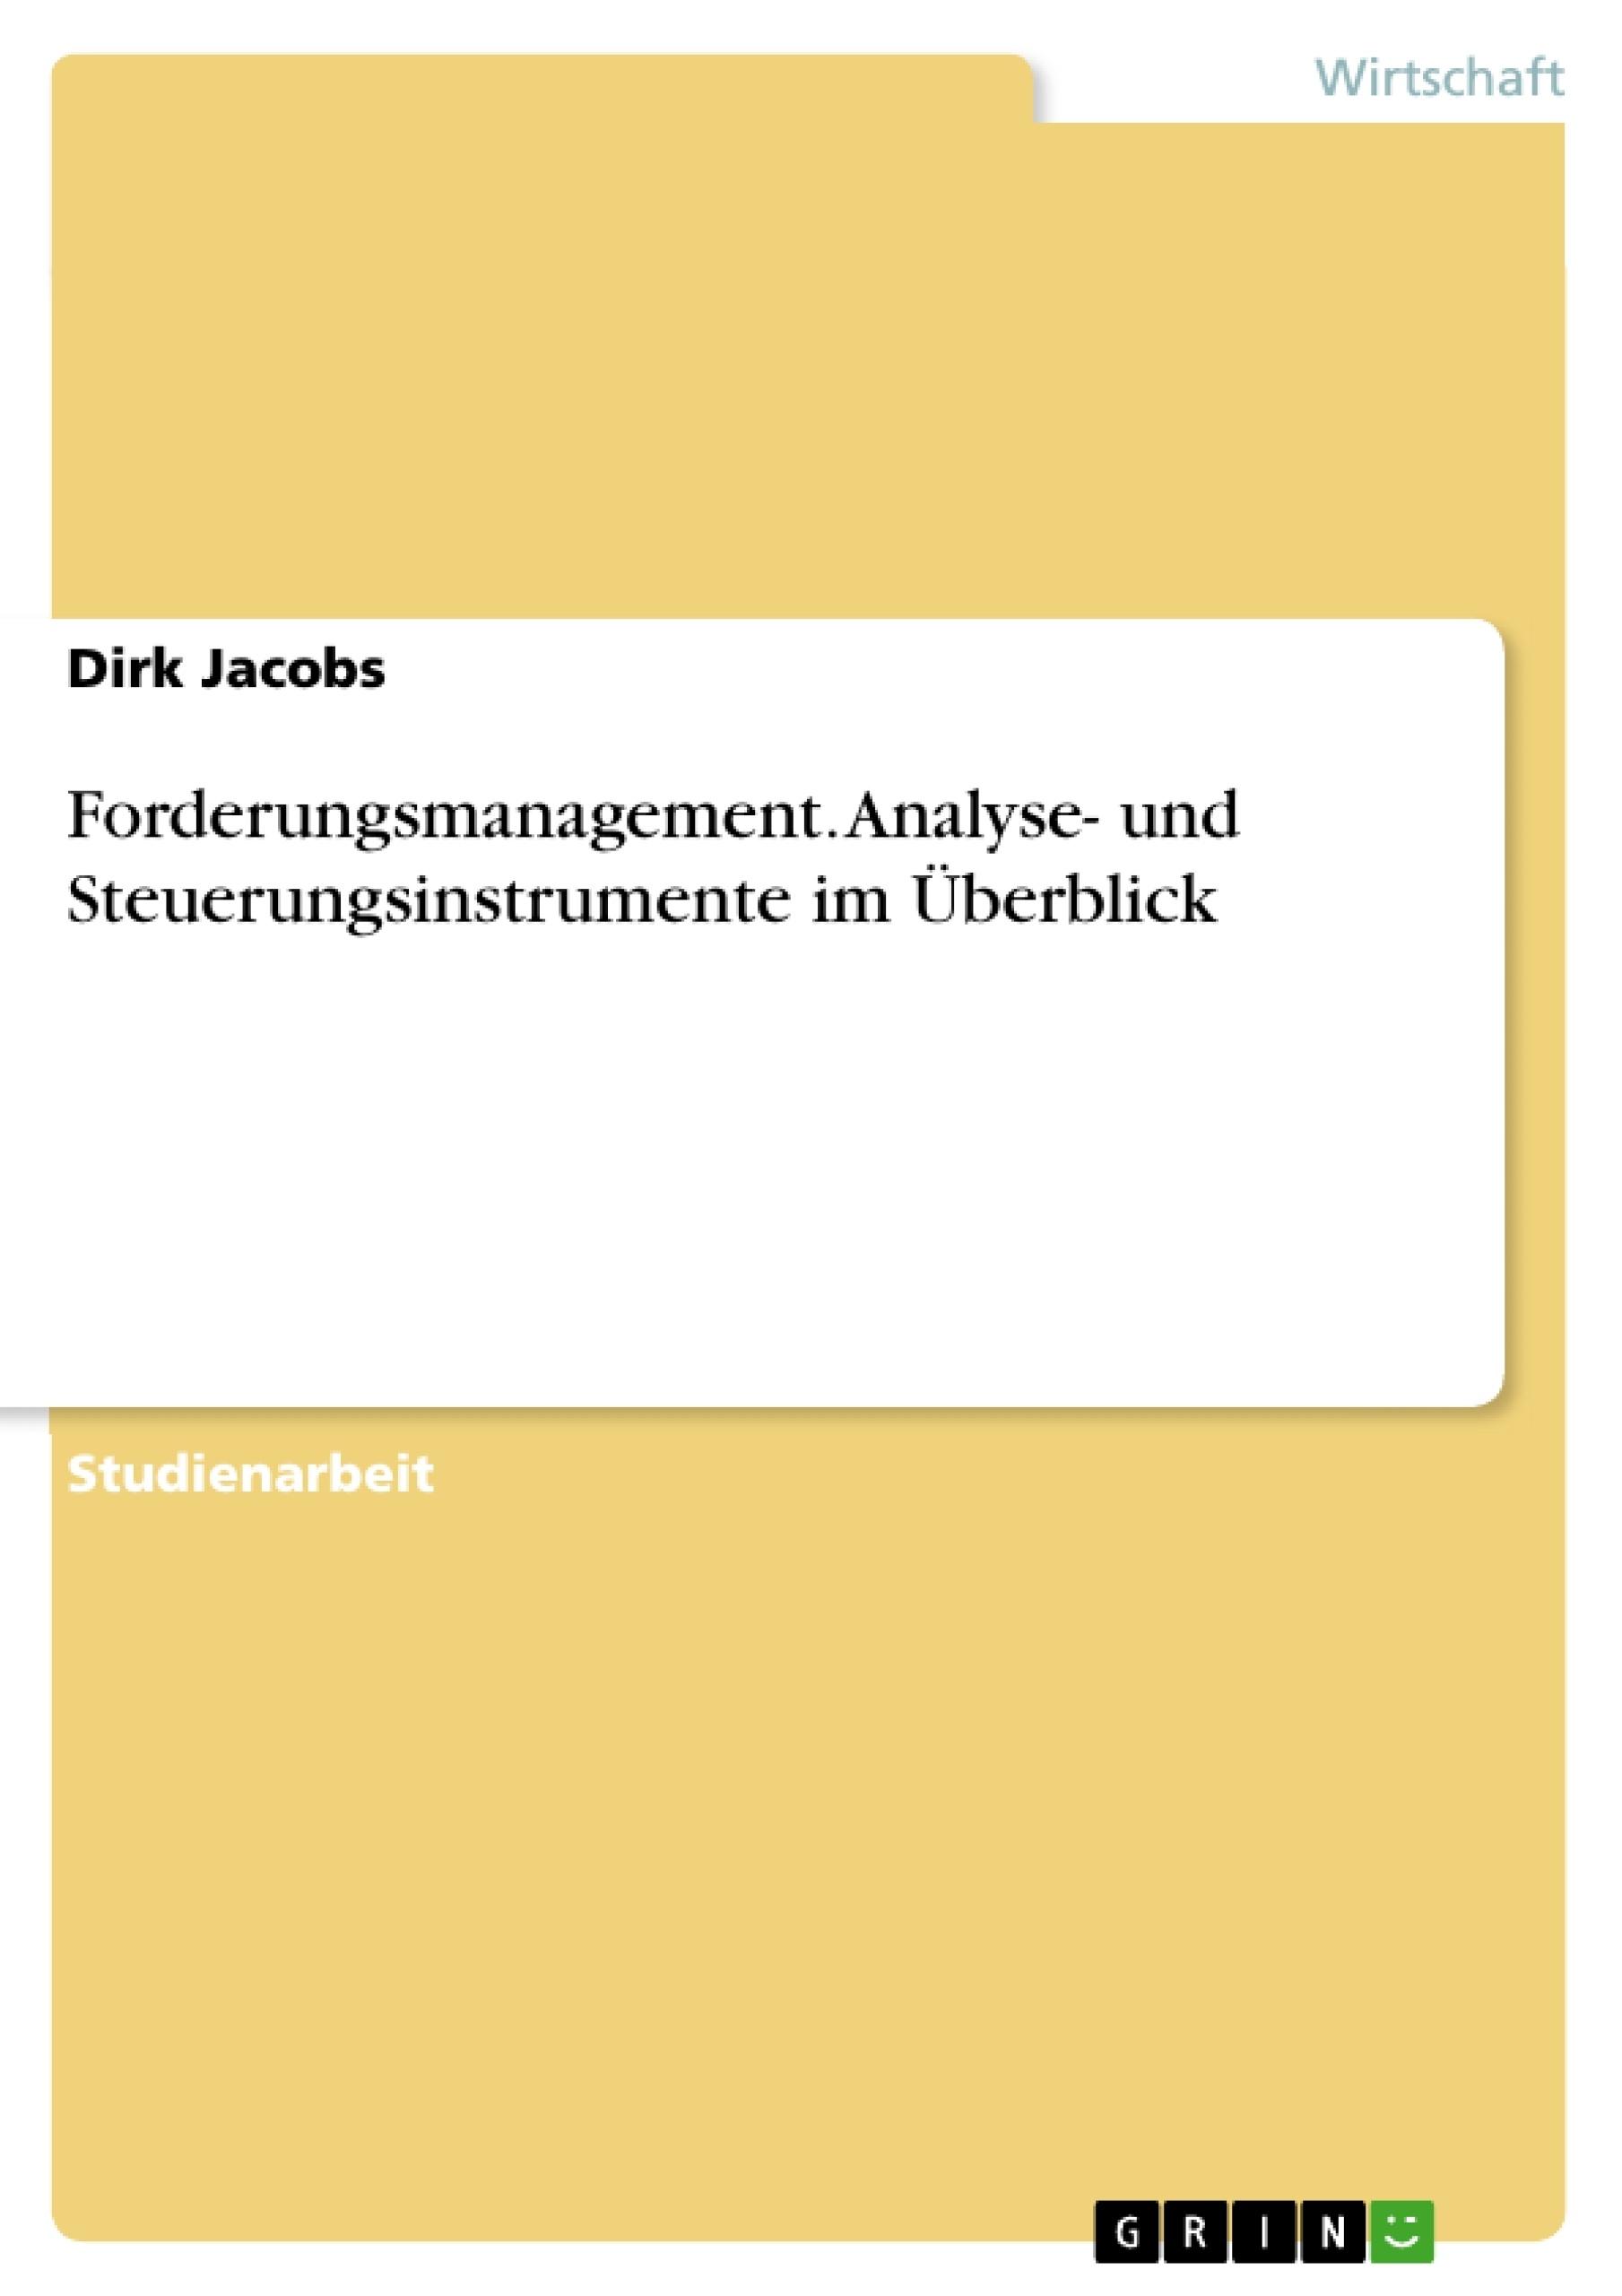 Titel: Forderungsmanagement. Analyse- und Steuerungsinstrumente im Überblick